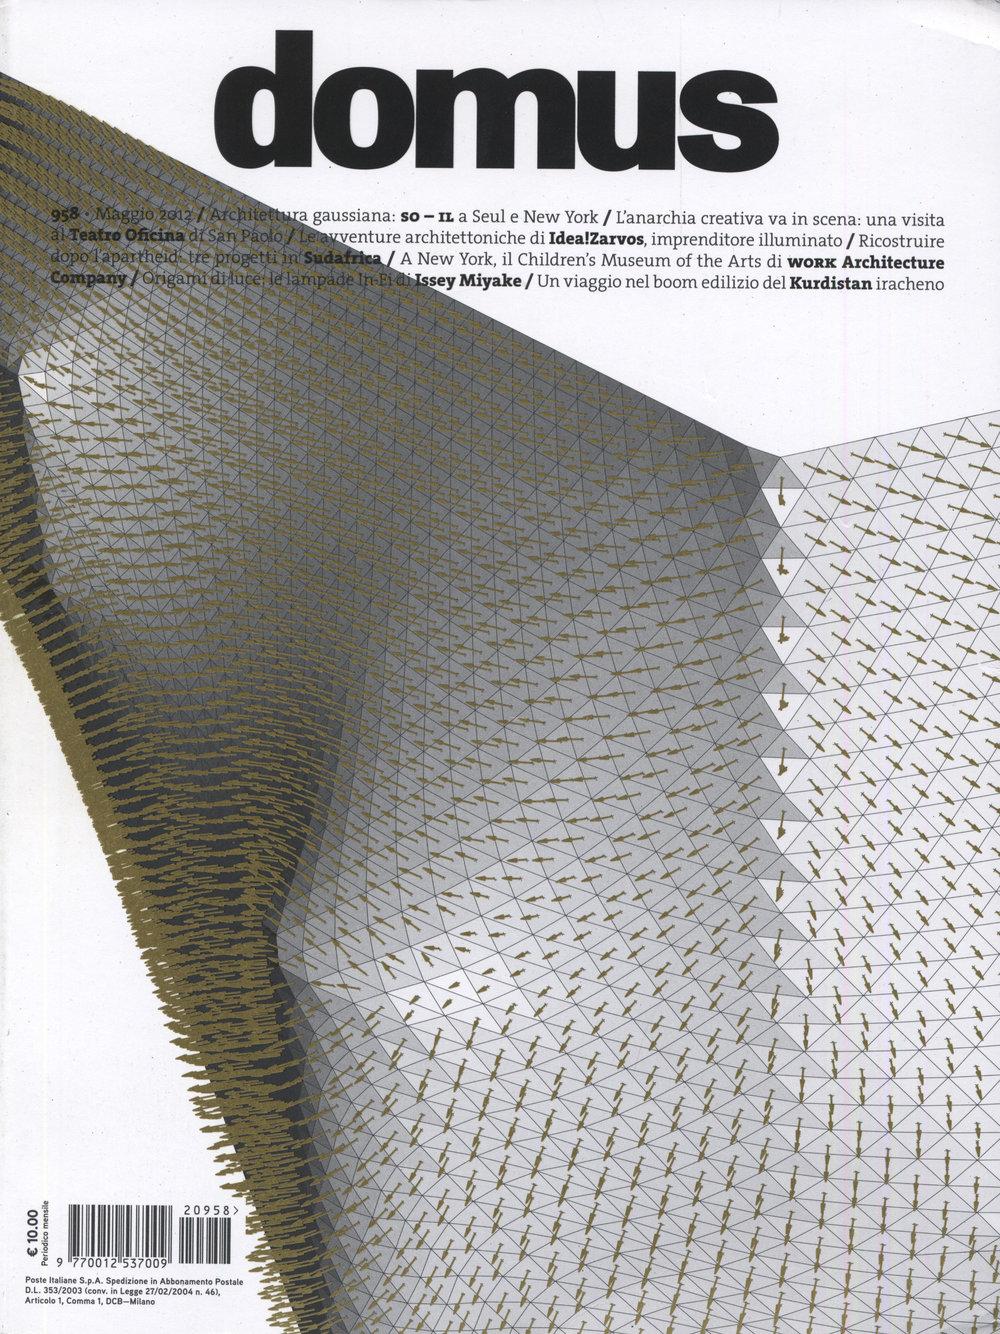 Domus-cover.jpg